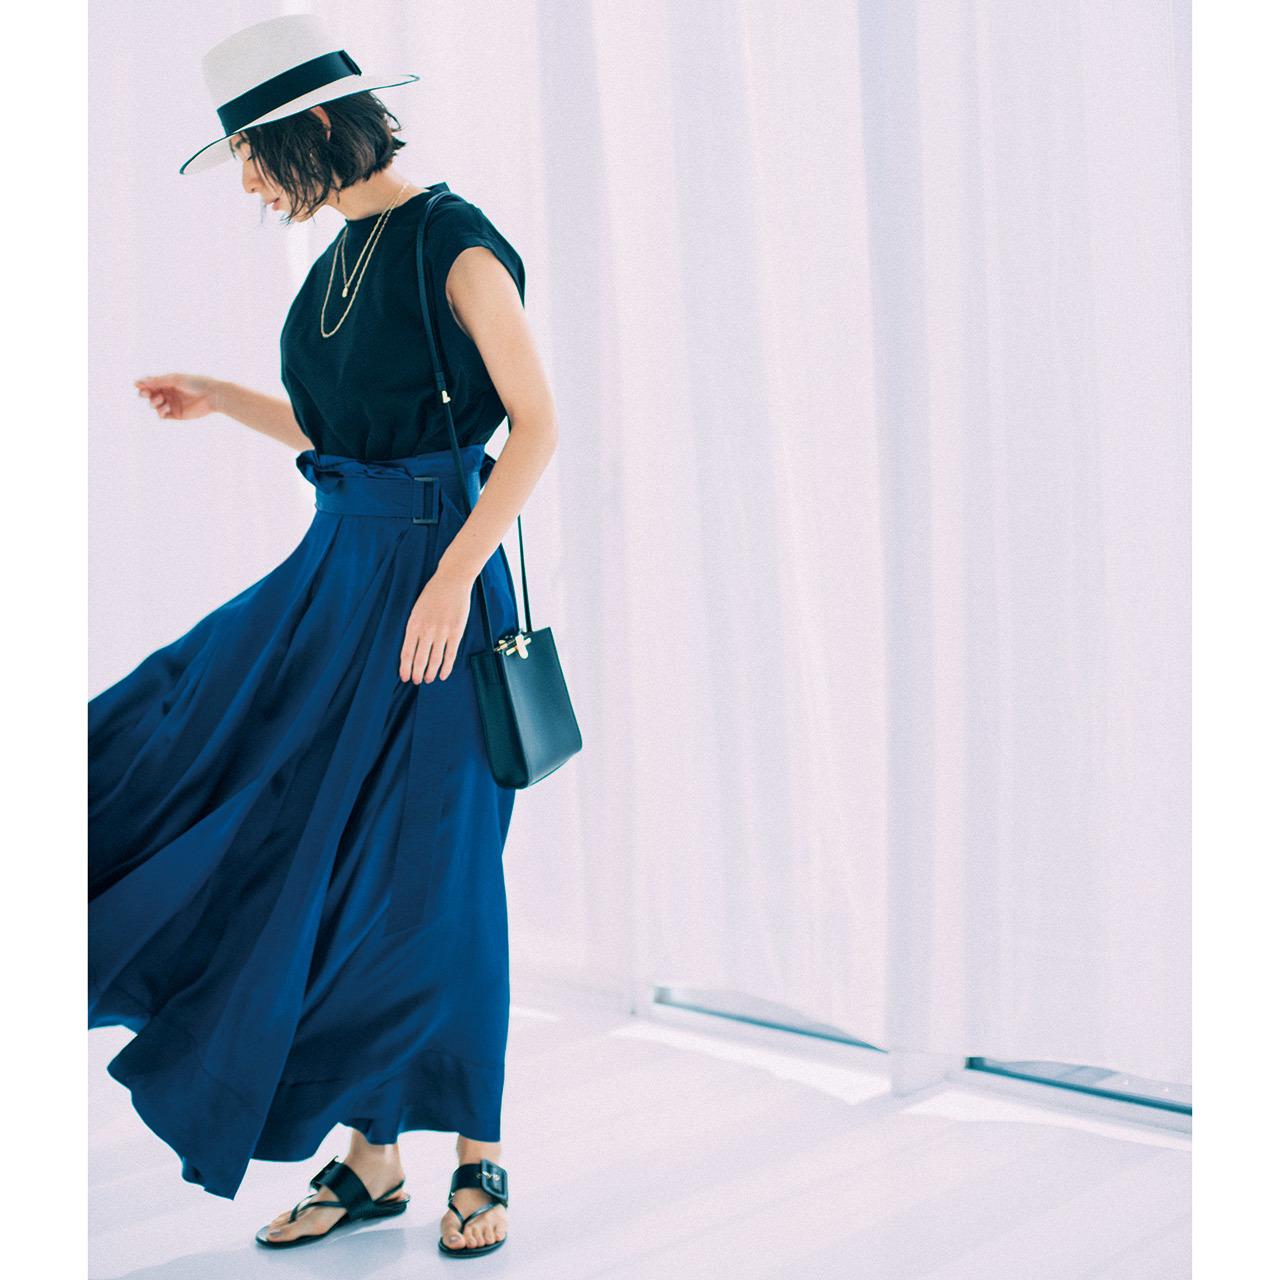 ツヤ素材のラップスカート×カットソーコーデを着たモデルの小泉里子さん